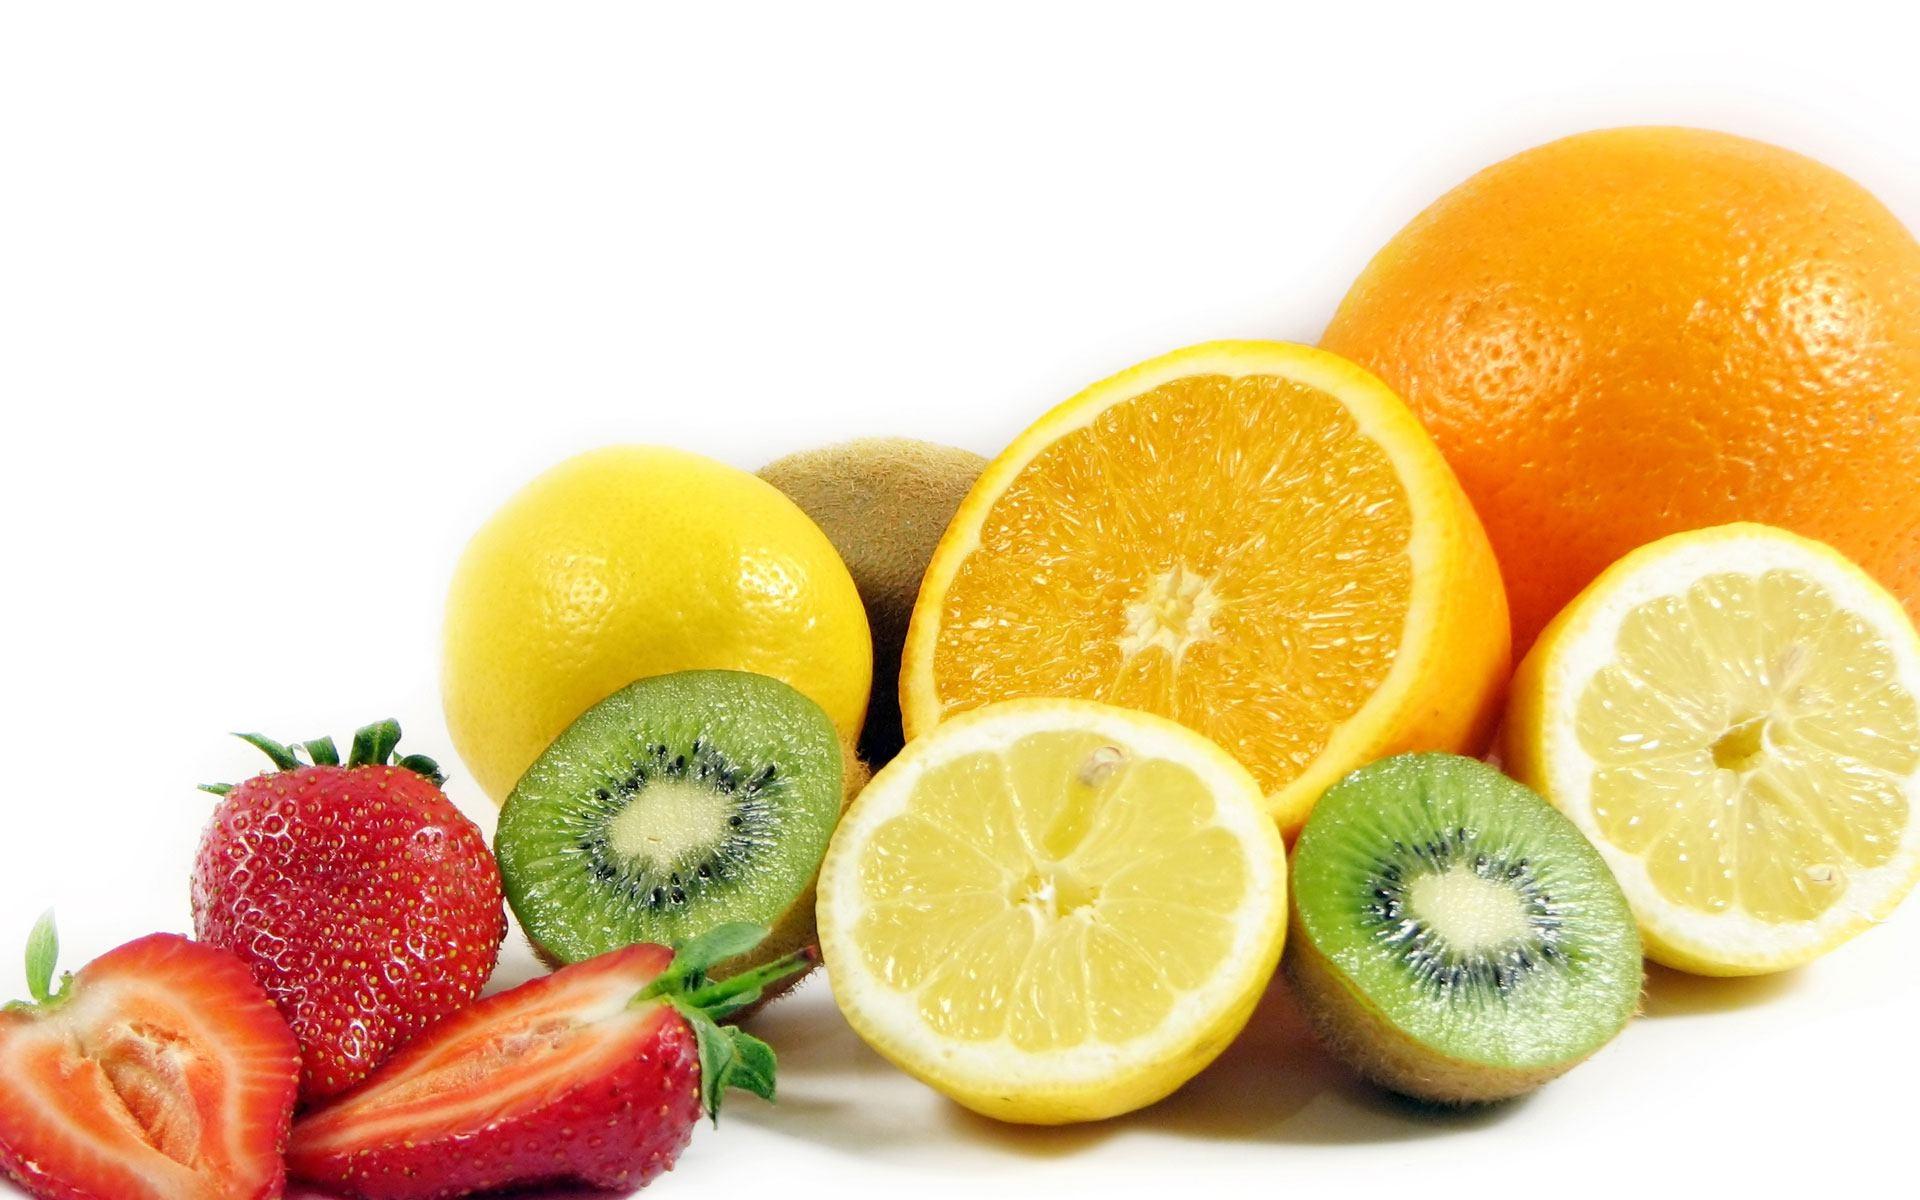 デスクトップ壁紙 : フード, ベリー, 柑橘類, イチゴ, オレンジ, キウイ, 作物, グレープフルーツ, レモン ...